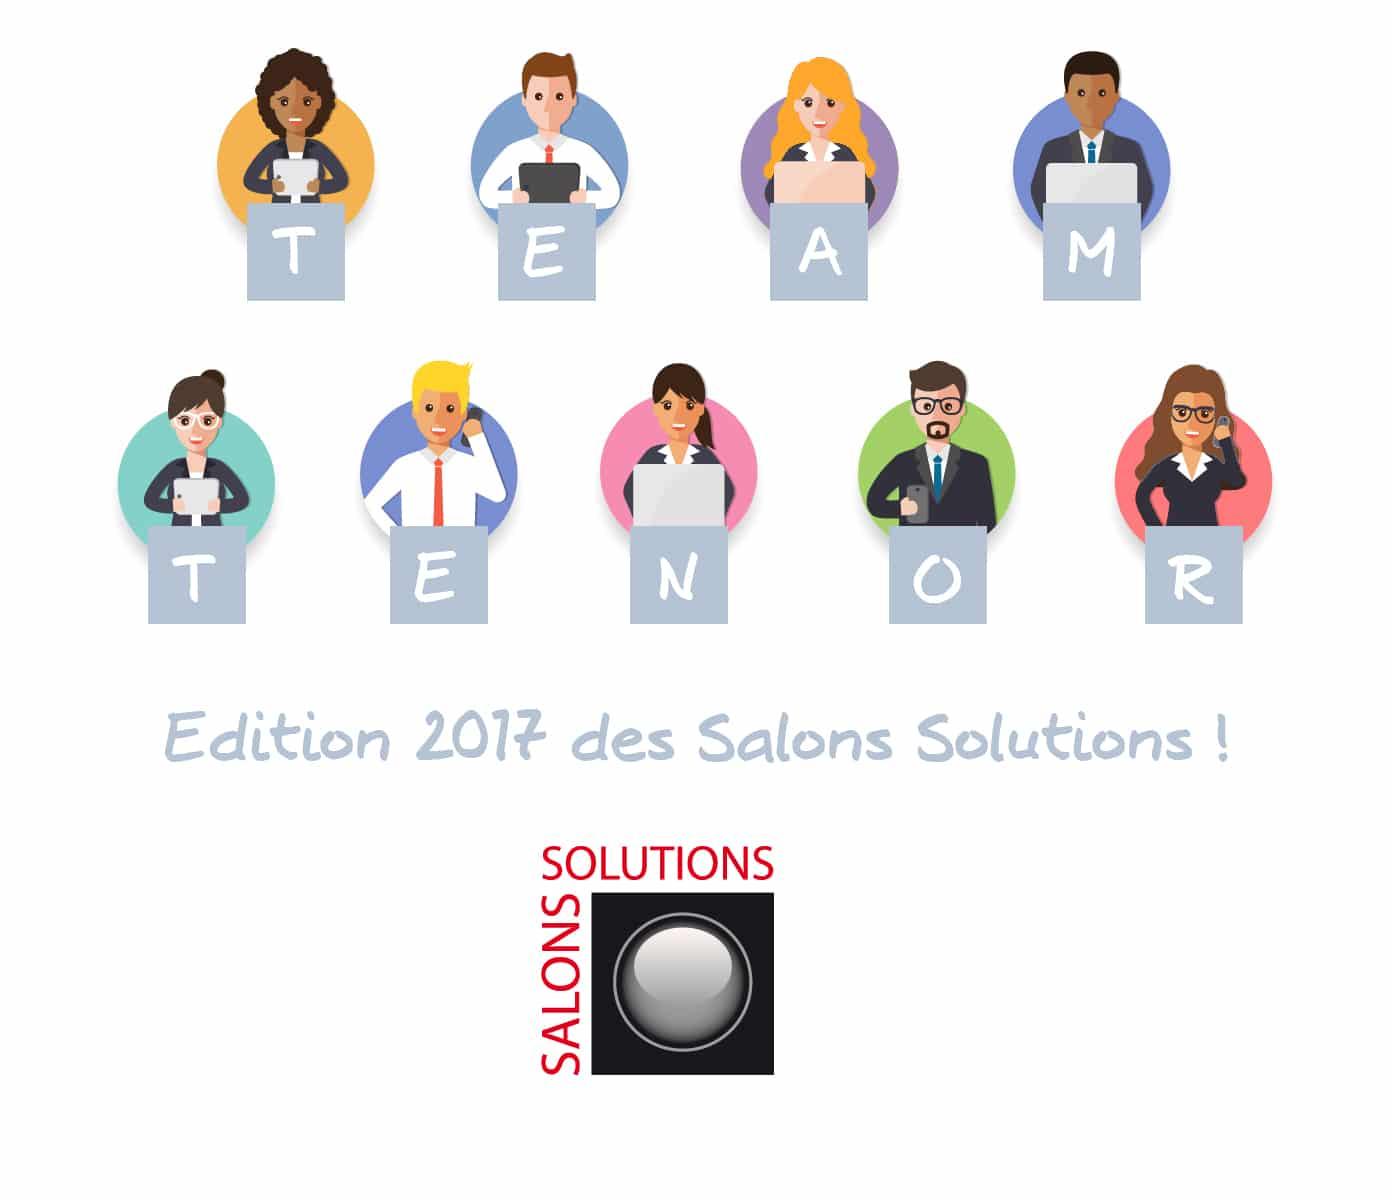 L'équipe Tenor sera présente à l'édition 2017 des Salons Solutions !